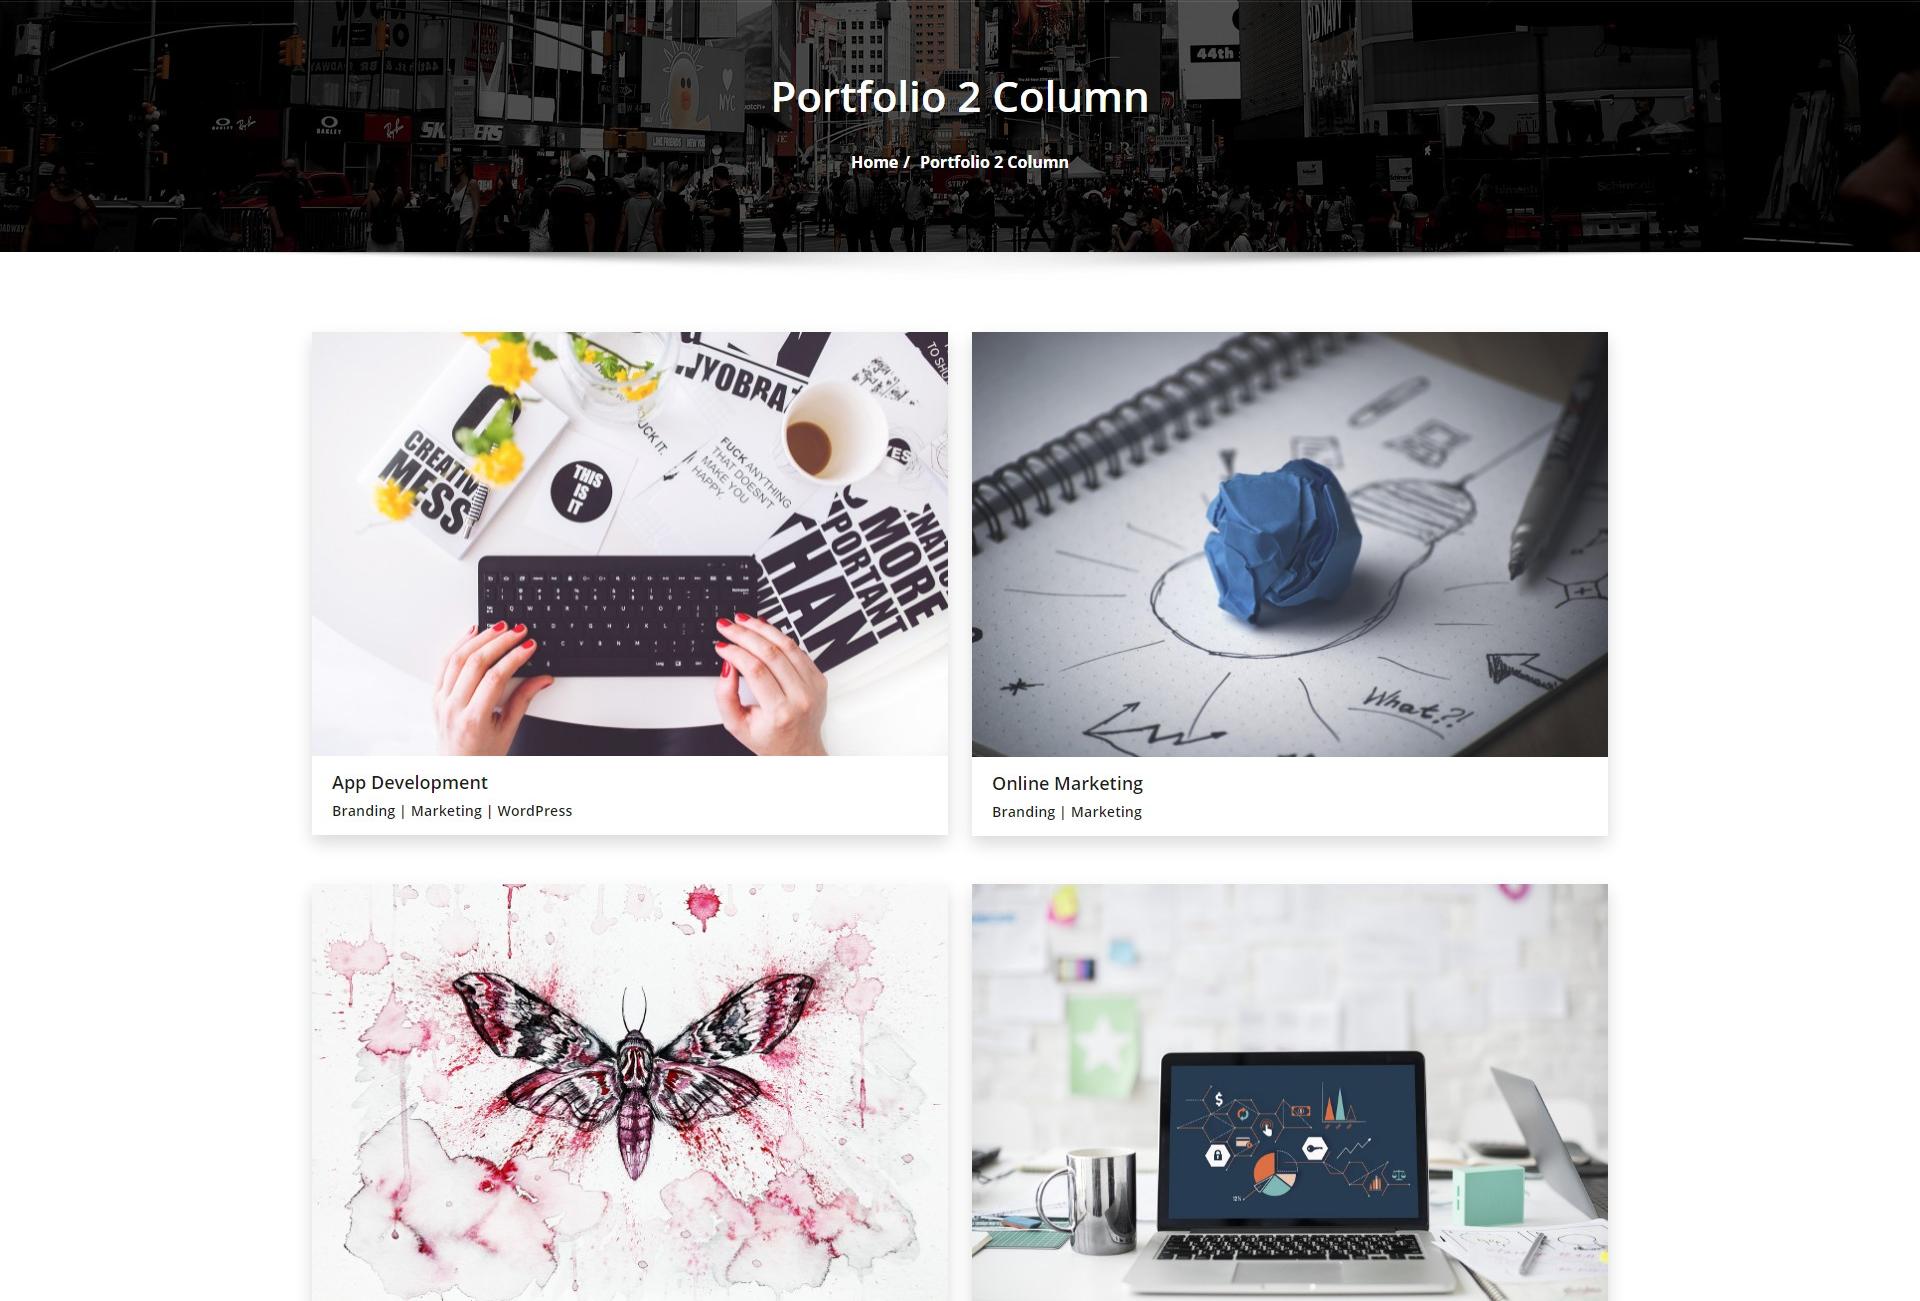 businessexpo-portfolio-2-column